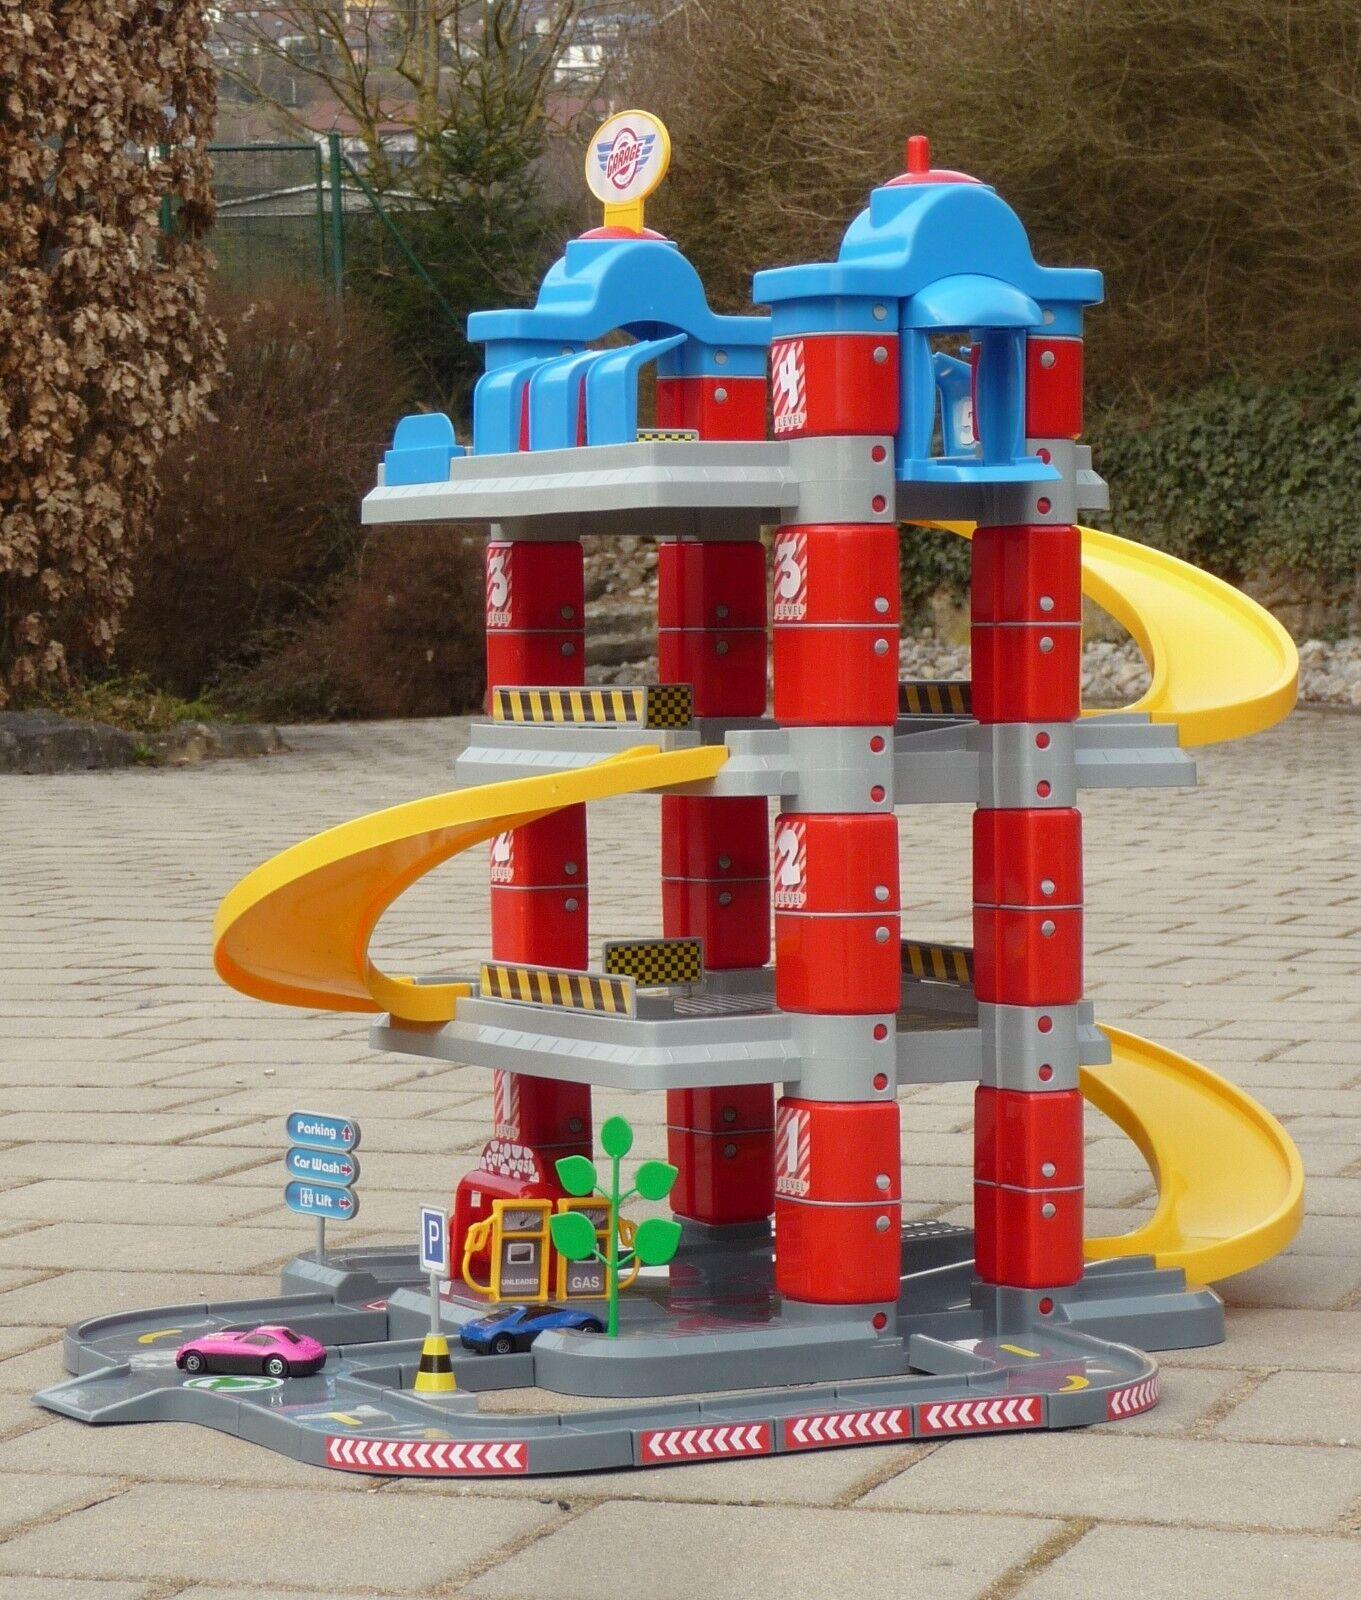 Kinder Spielzeug Garage Parkhaus Auto XL TOWER mit 4 ETAGEN in TOP QUALITÄT 5159